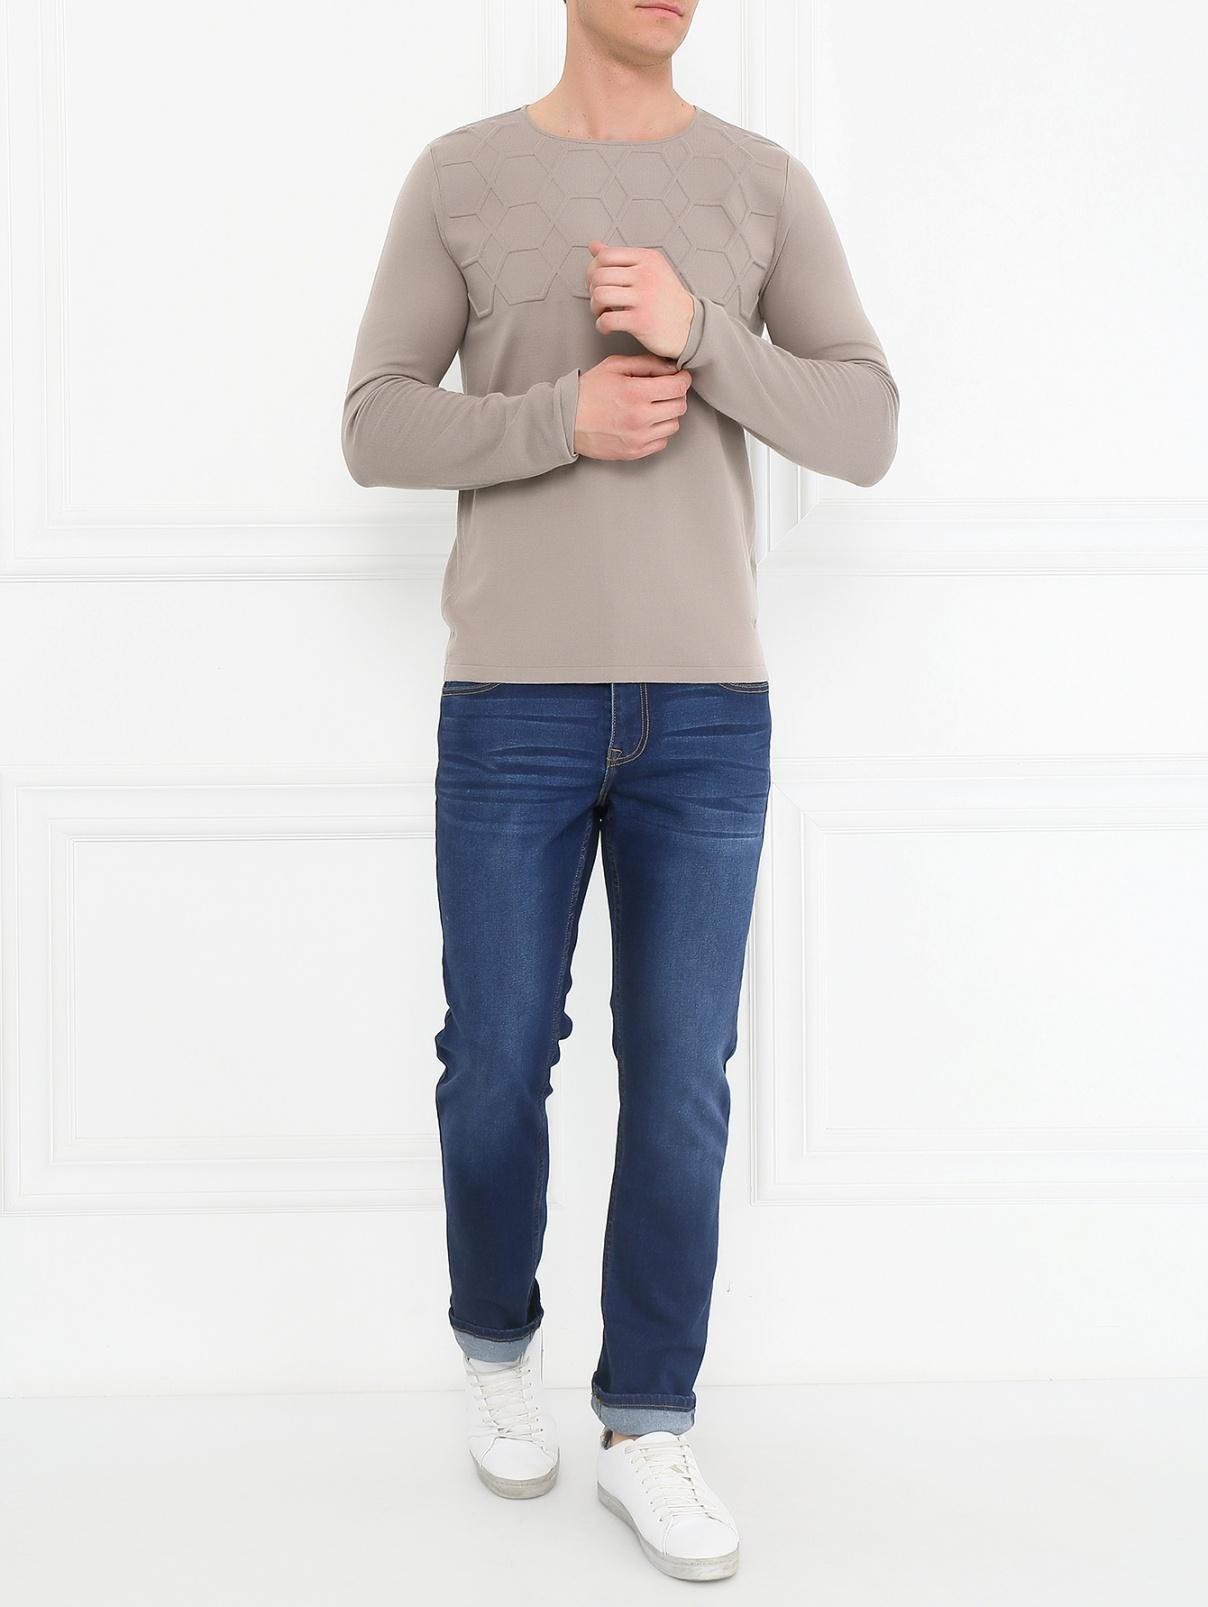 Джемпер из хлопка с фактурной вставкой Emporio Armani  –  Модель Общий вид  – Цвет:  Бежевый